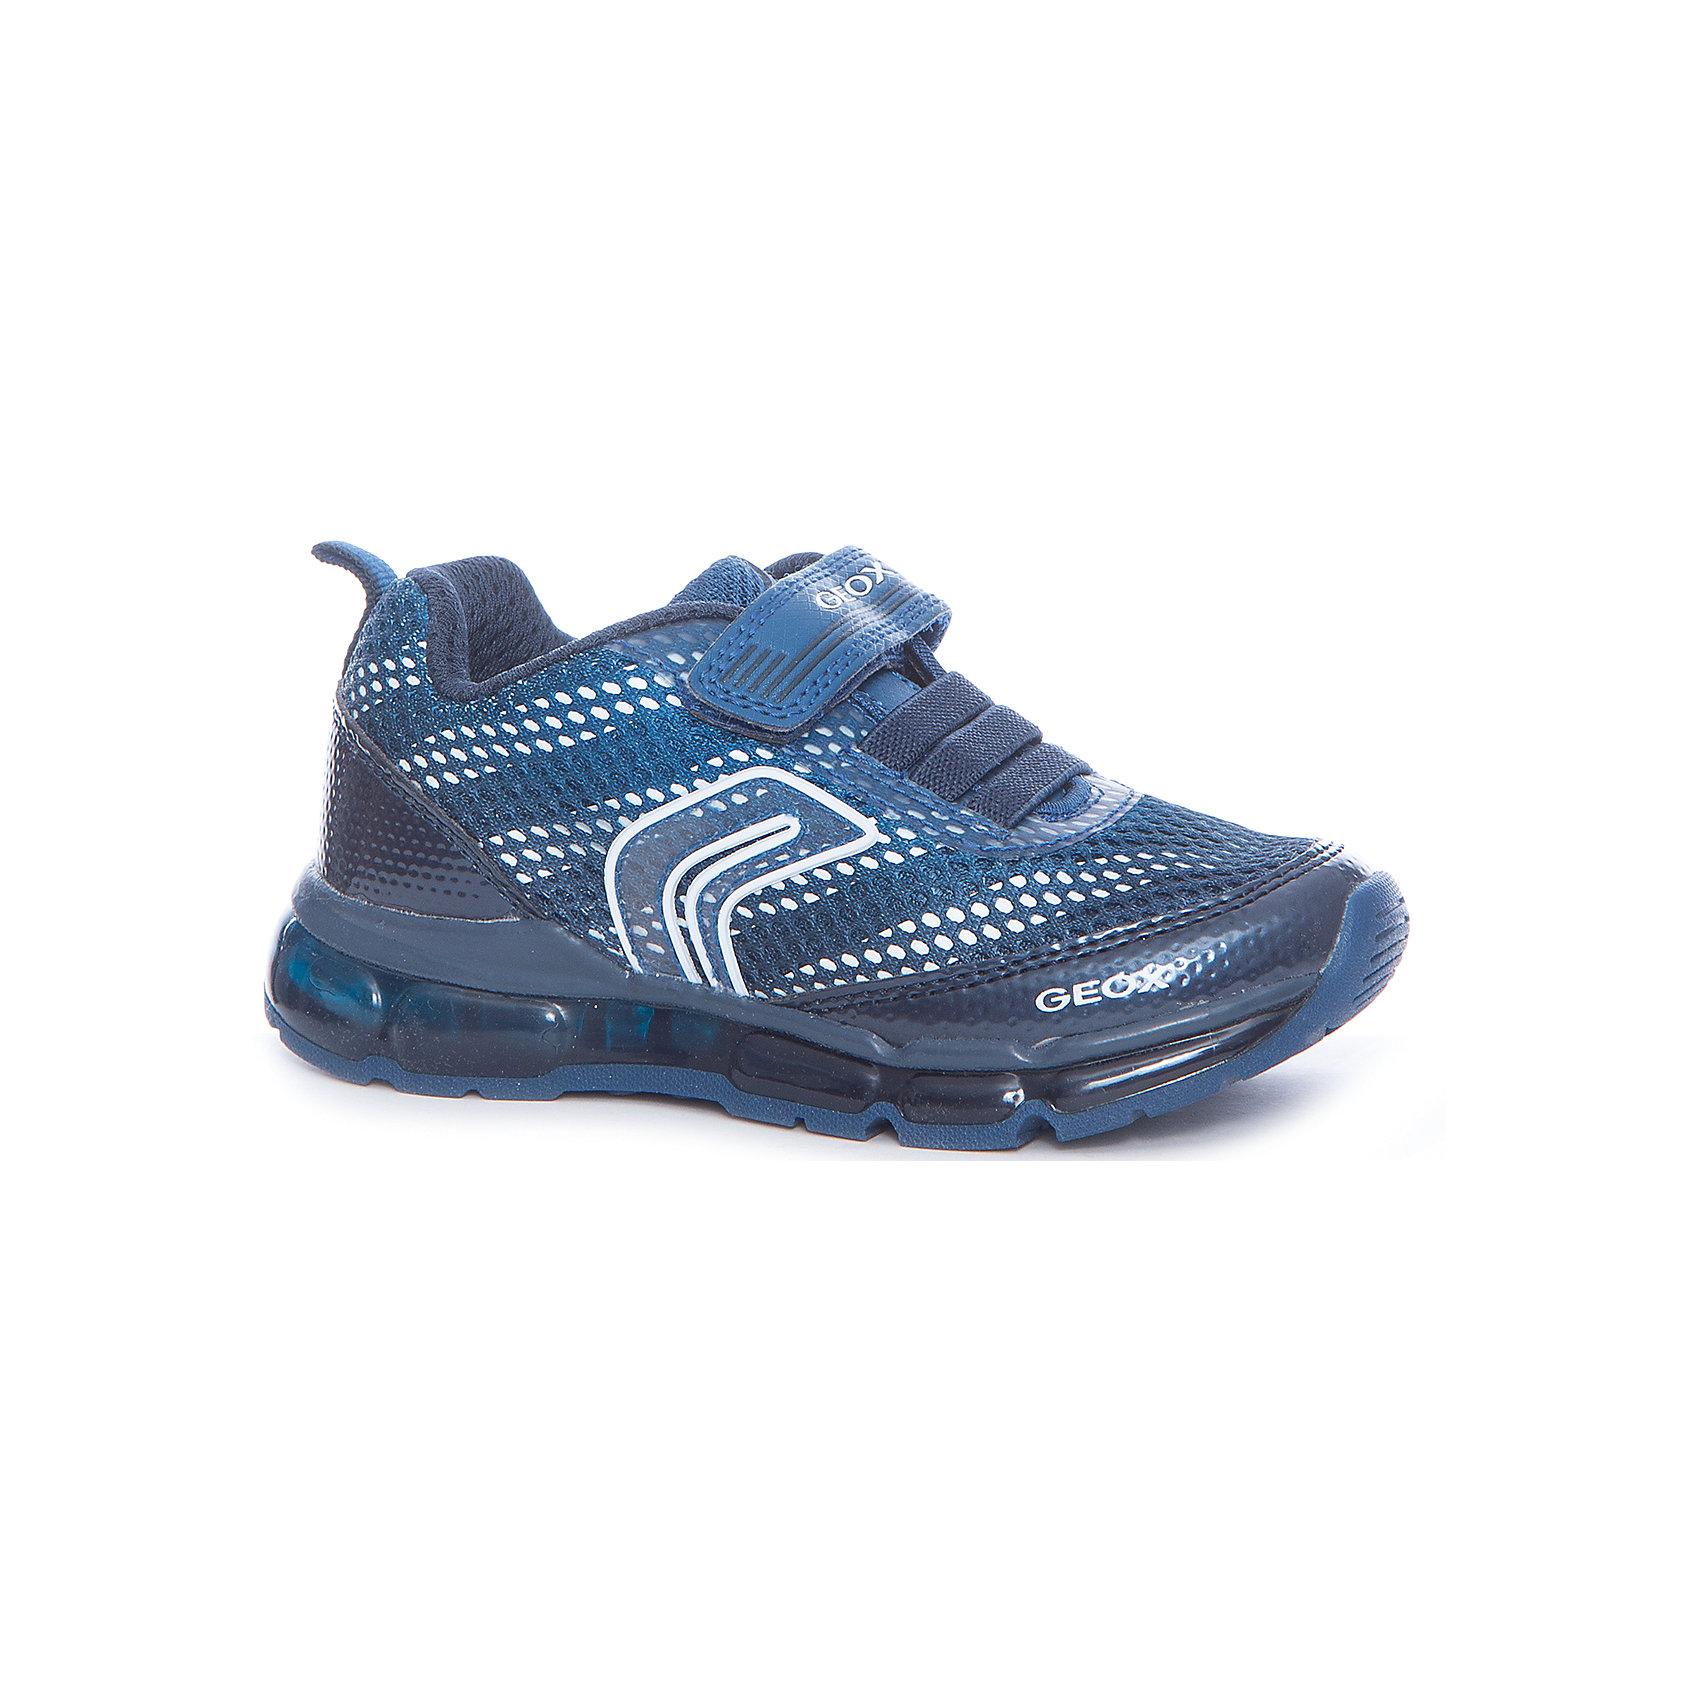 Кроссовки для мальчика GEOXХарактеристики товара:<br><br>• цвет: синий<br>• внешний материал: 44.79% синтетика, 55.51% текстиль<br>• внутренний материал: синтетическая ткань<br>• стелька: текстиль<br>• подошва: полимер<br>• высота подошвы: 3 см<br>• кроссовки со светодиодами<br>• застежка: липучка<br>• защита пятки и носка<br>• эластичная шнуровка<br>• устойчивая подошва<br>• дышащие<br>• мембранная технология<br>• декорированы логотипом и аппликацией<br>• коллекция весна-лето 2017<br>• страна бренда: Италия<br>• страна изготовитель: Филиппины<br><br>Модные удобные кроссовки помогут обеспечить ребенку комфорт и дополнить наряд. Универсальный цвет позволяет надевать их под одежду разных расцветок. Кроссовки удобно сидят на ноге и очень стильно смотрятся.<br><br>Кроссовки от итальянского бренда GEOX (ГЕОКС) можно купить в нашем интернет-магазине.<br><br>Ширина мм: 262<br>Глубина мм: 176<br>Высота мм: 97<br>Вес г: 427<br>Цвет: синий<br>Возраст от месяцев: 96<br>Возраст до месяцев: 108<br>Пол: Унисекс<br>Возраст: Детский<br>Размер: 32,27,28,29,30,31<br>SKU: 5361777